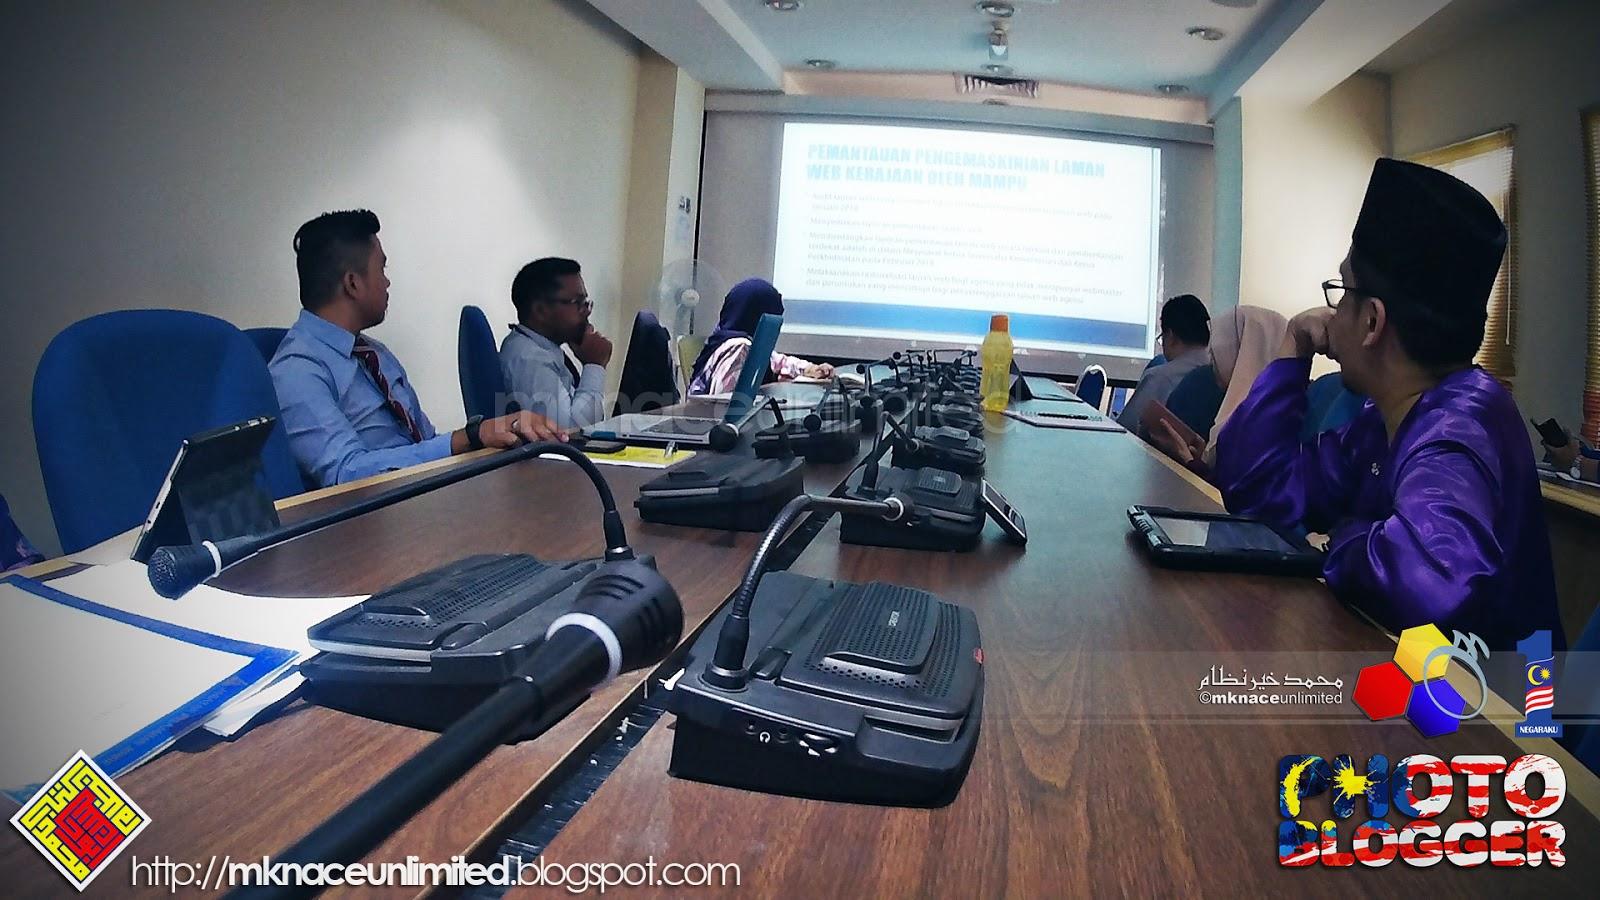 Bengkel Precouncil Pengurusan Portal Dan Media Sosial Jpn Johor 2018 Roti Tissue By Canai Ikhwan Gh Corner Mks Mknace Unlimited The Colours Of Life